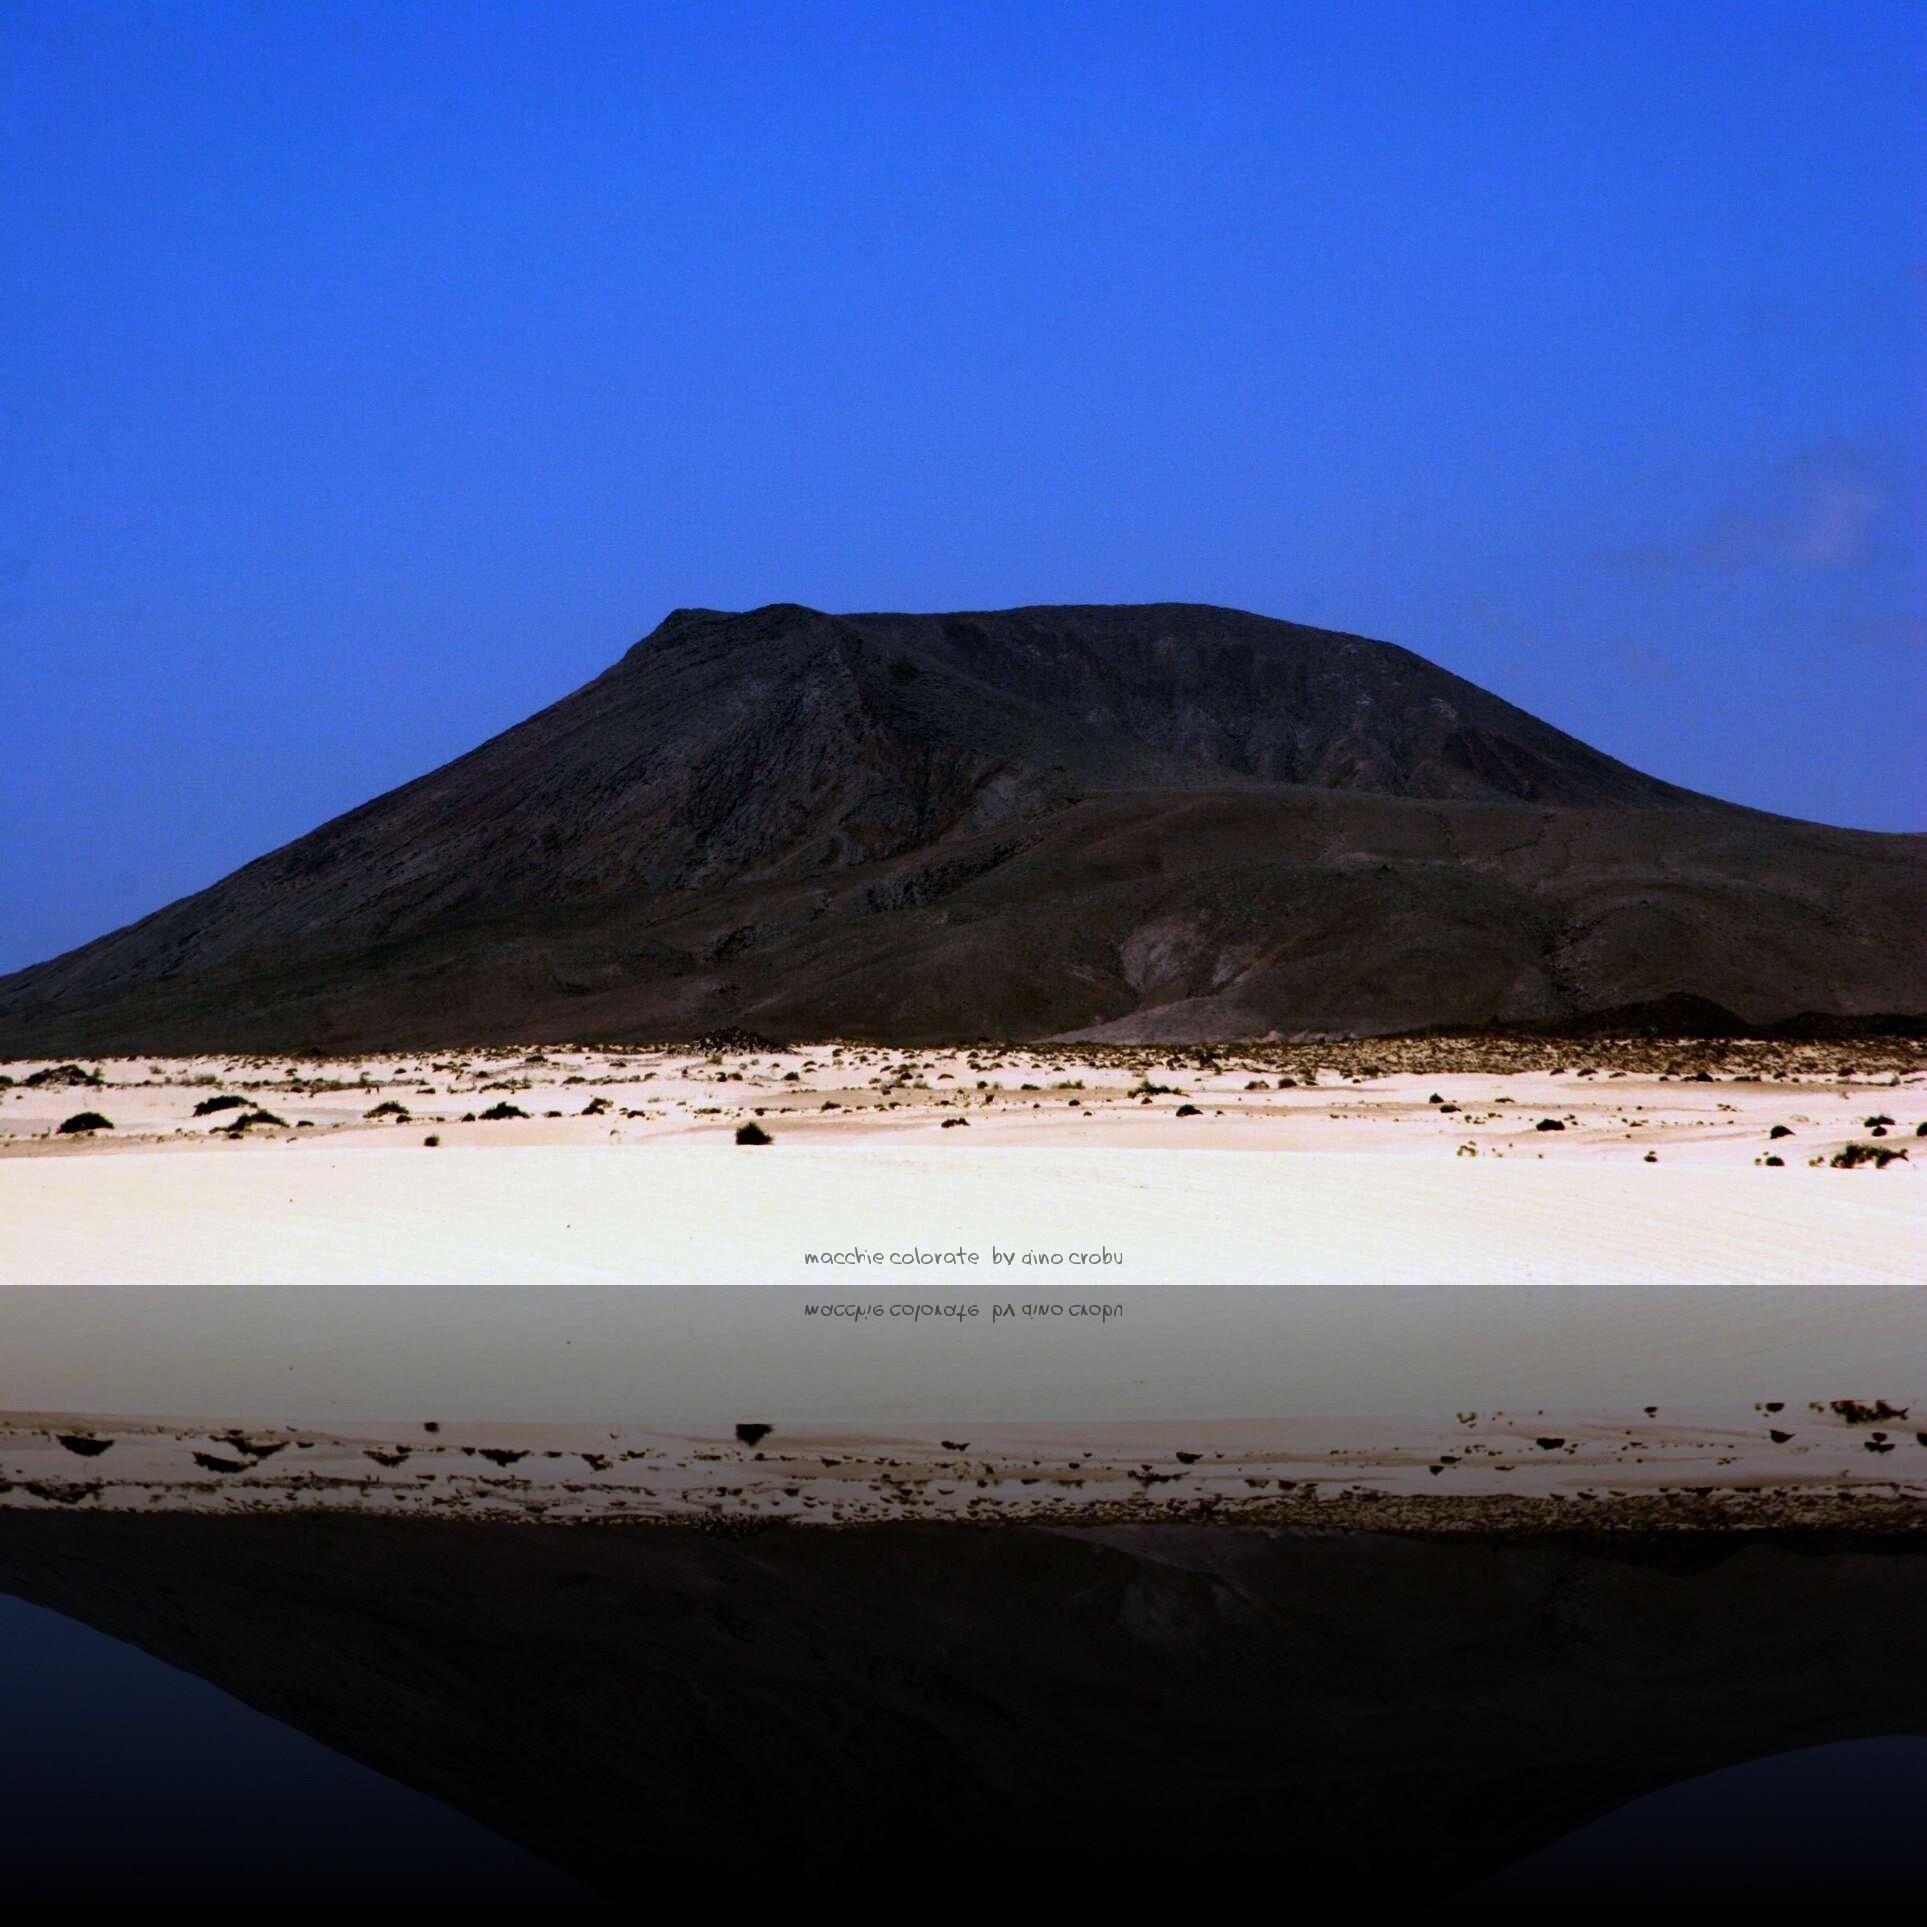 refl_45f6e5a12c1ea68da97f4ddc250c4990_1898-sabbia-e-asfalto-7